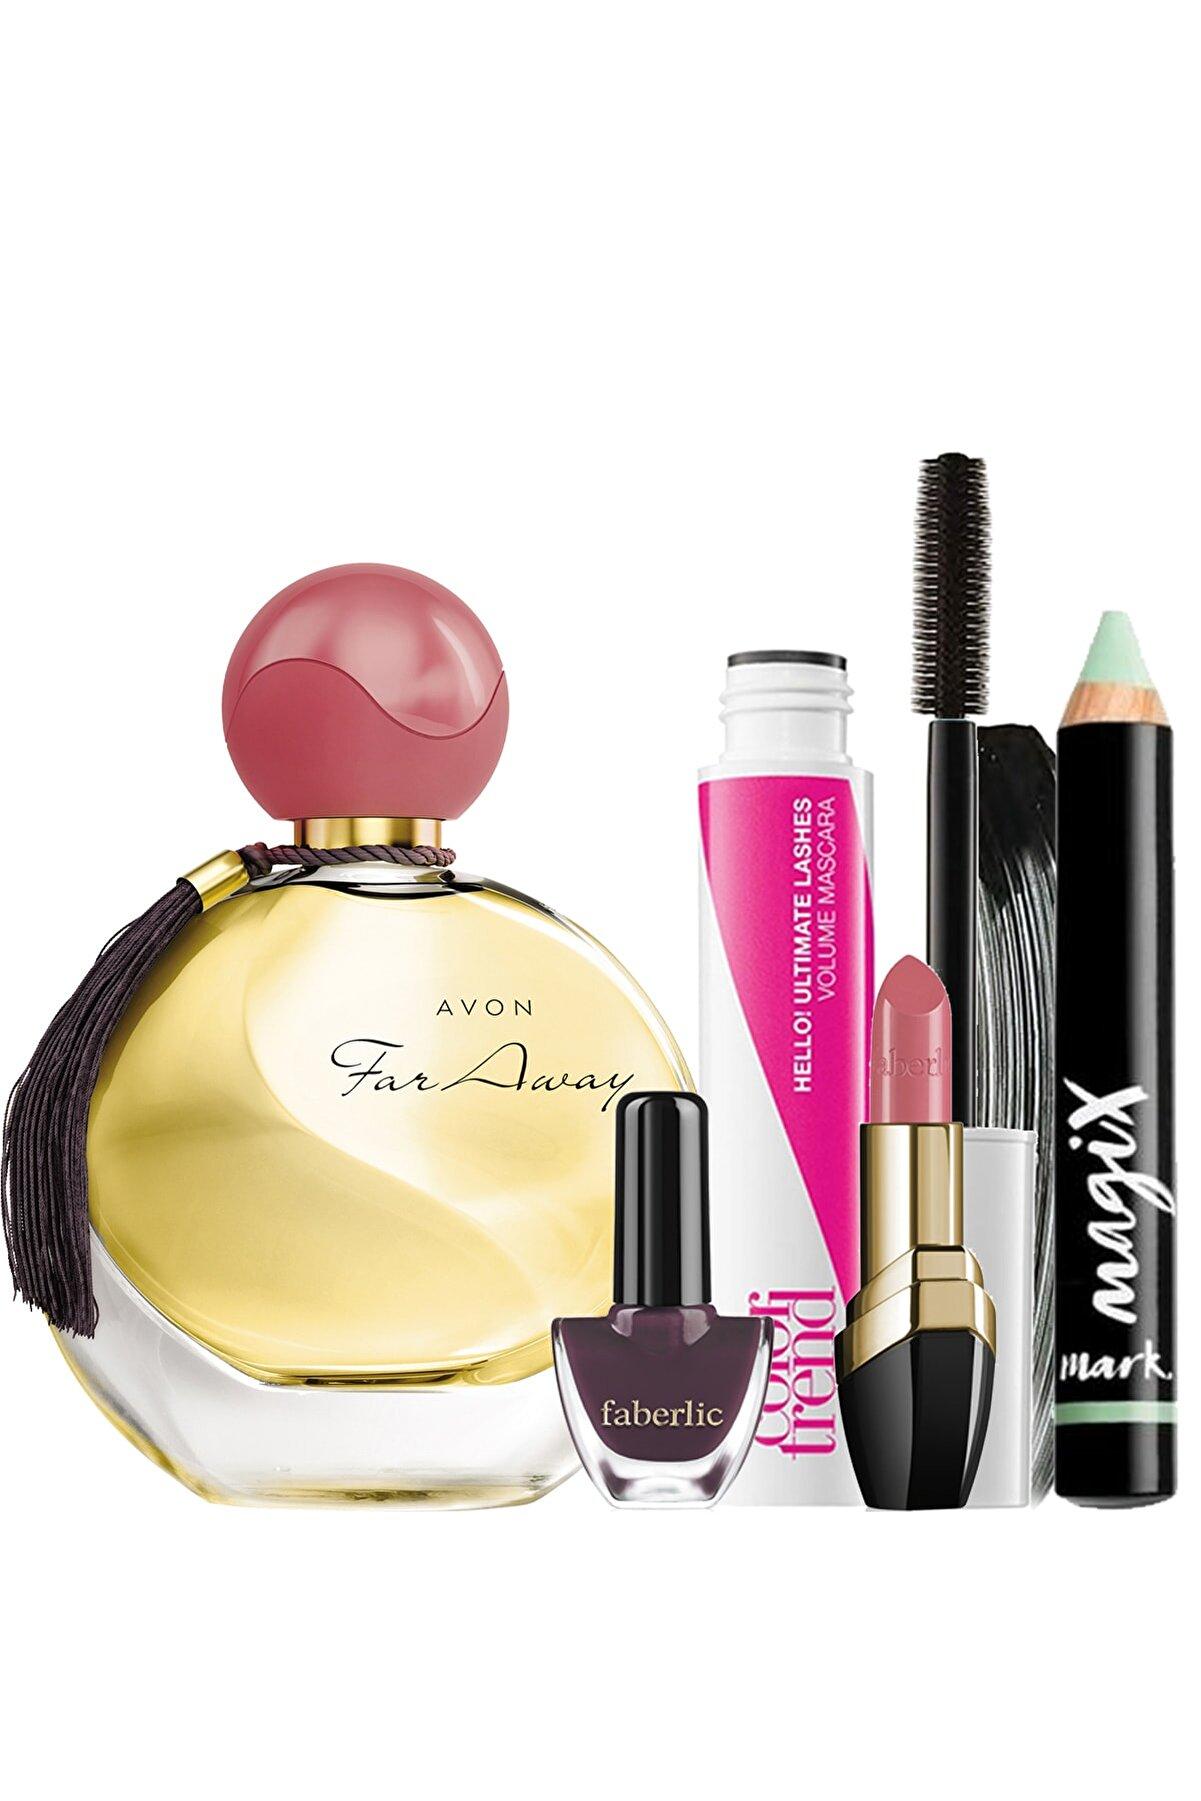 Avon Far Away Edp 50 Ml Kadın Parfüm Maskara Ve Kapatıcı Faberlic Oje Ve Ruj Hediyeli Paket